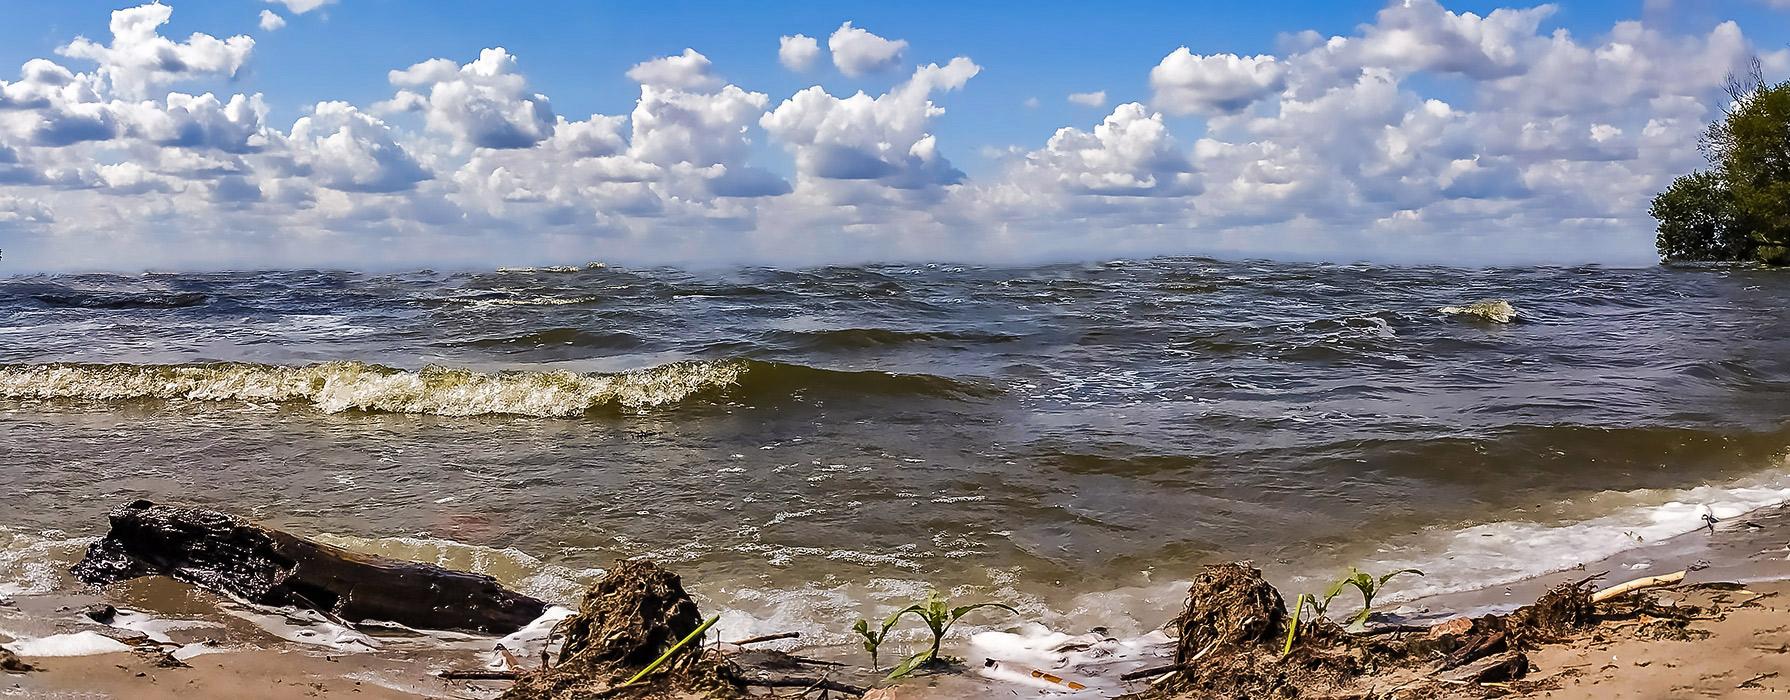 Шквал приближается, Каменское море